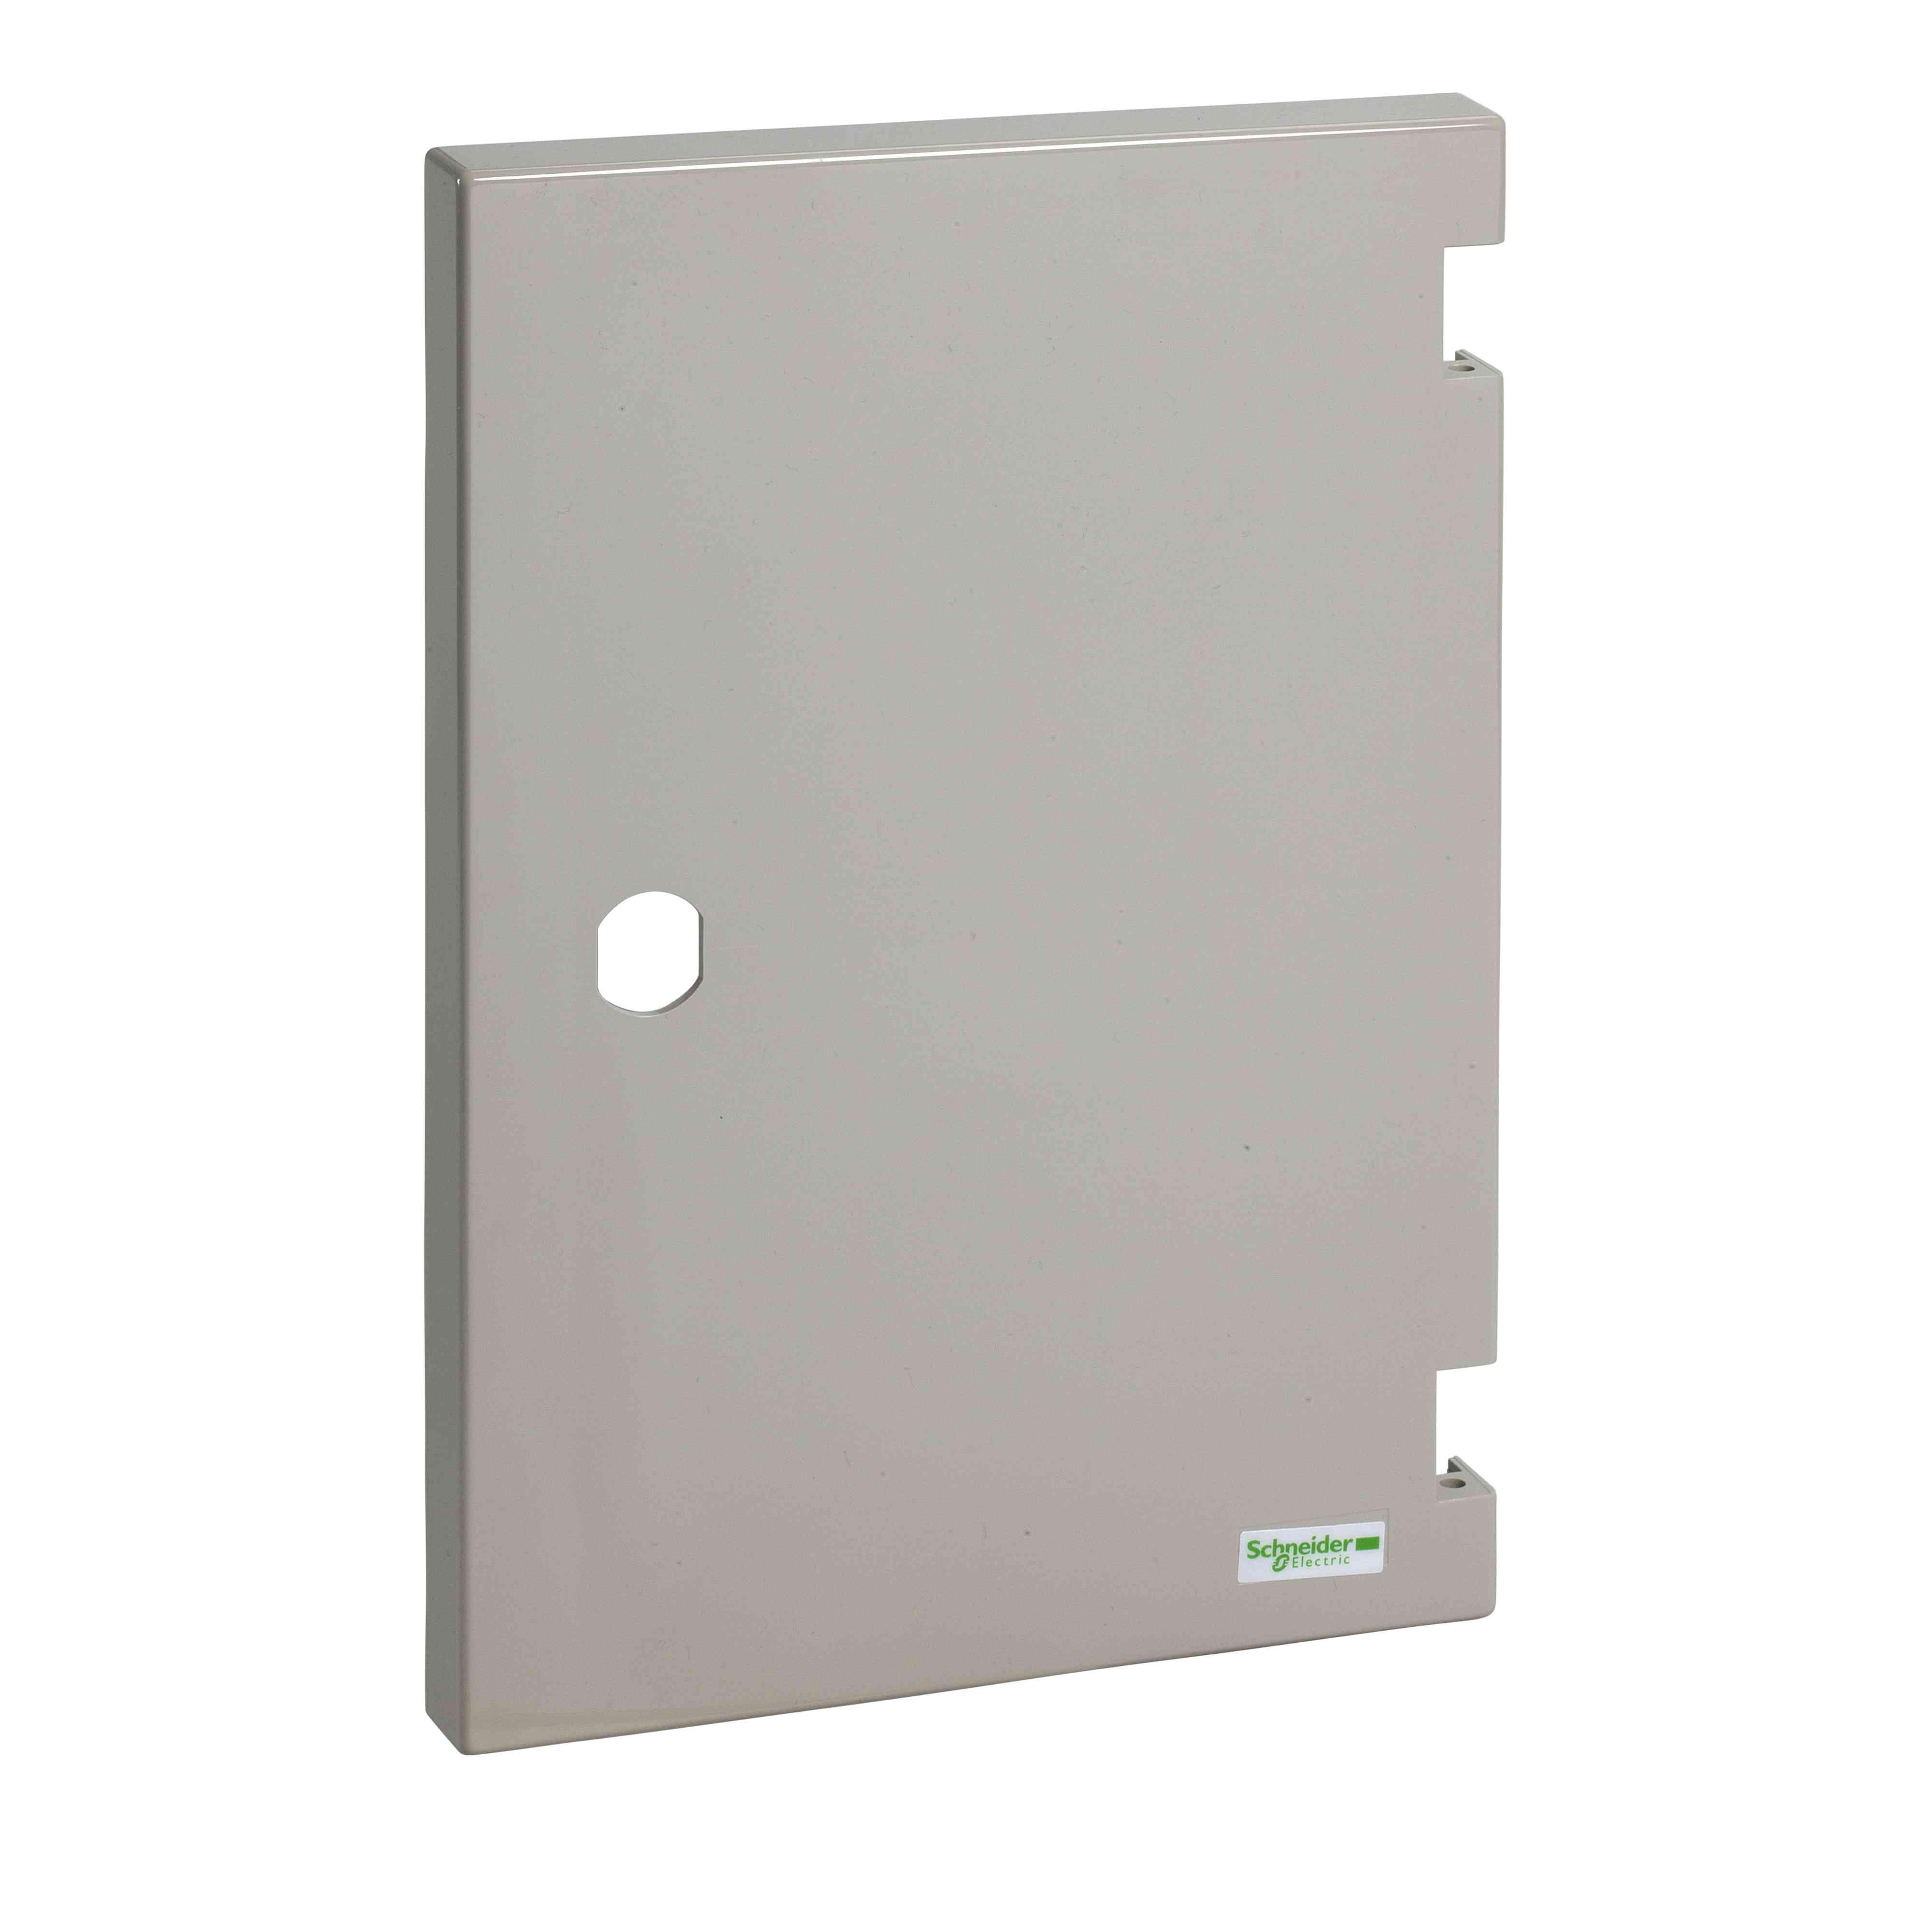 Vrata za PLM32 brez zaklepanja